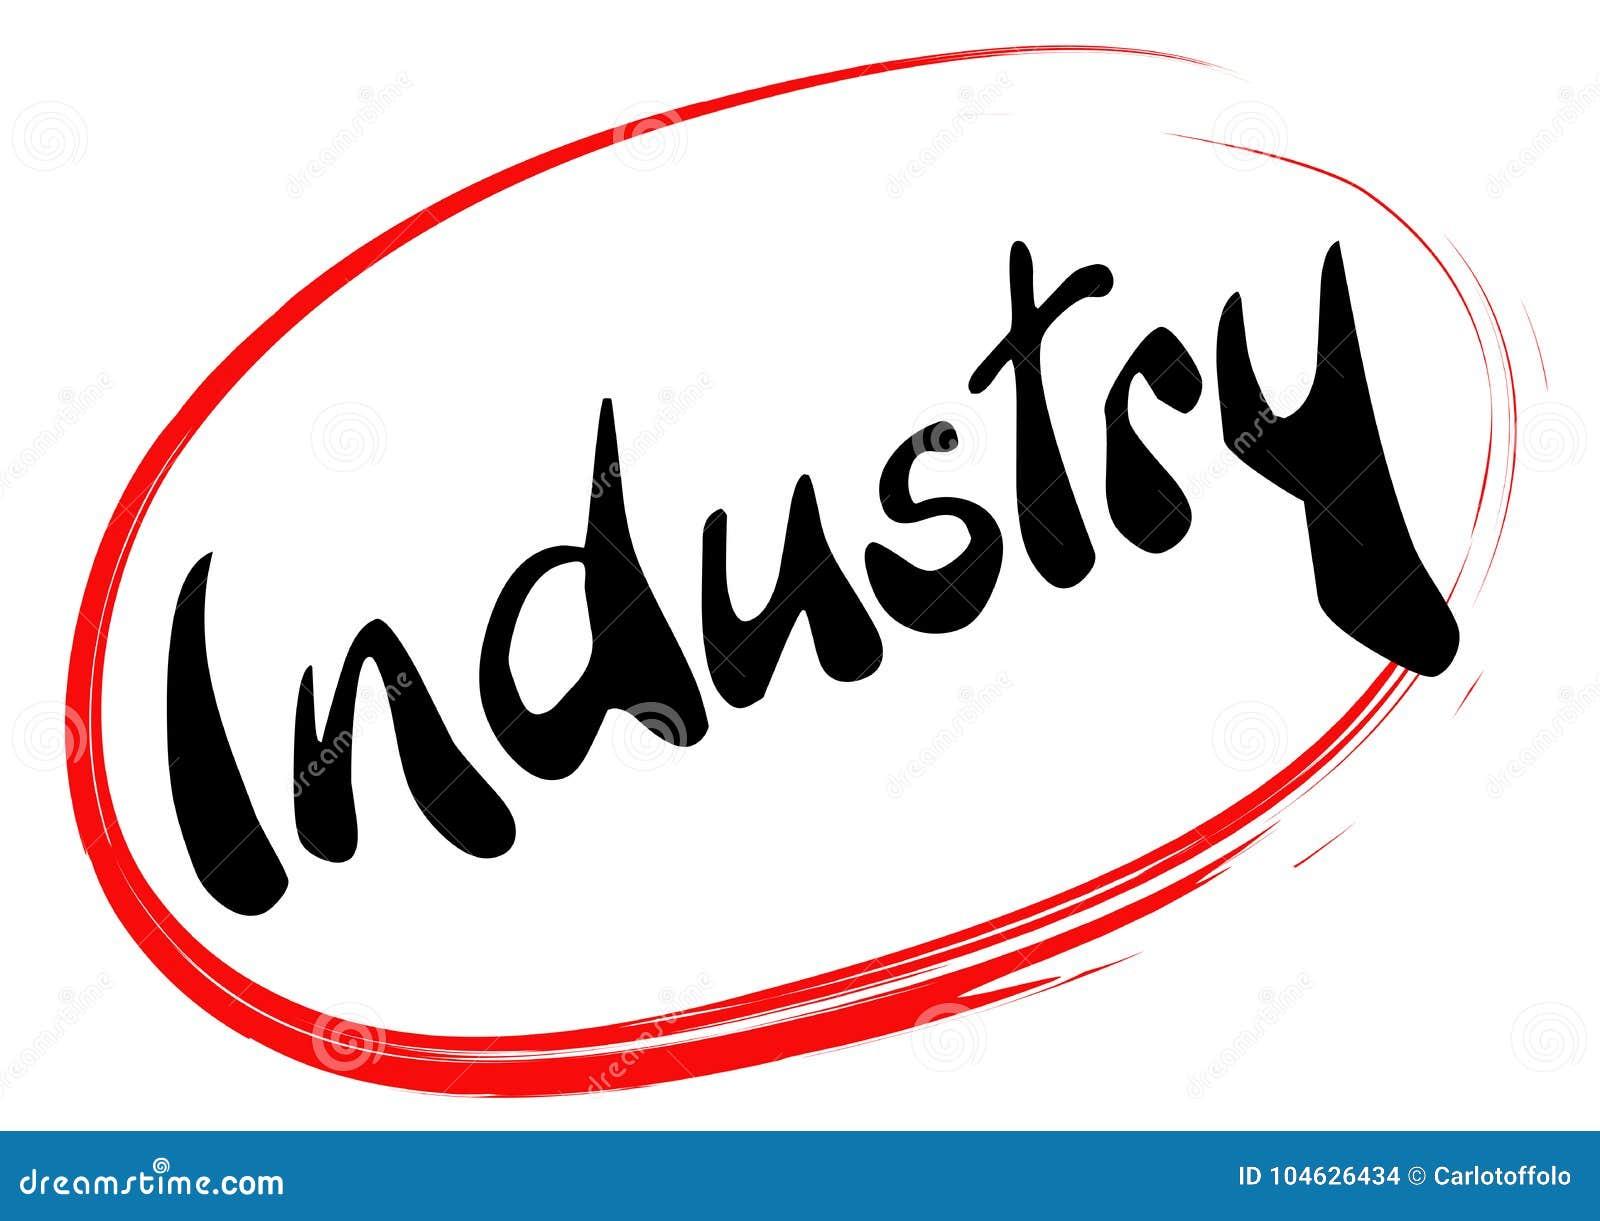 Download Industrie In Rode Hand Gevonden Cirkel Vector Illustratie - Illustratie bestaande uit symbool, proces: 104626434